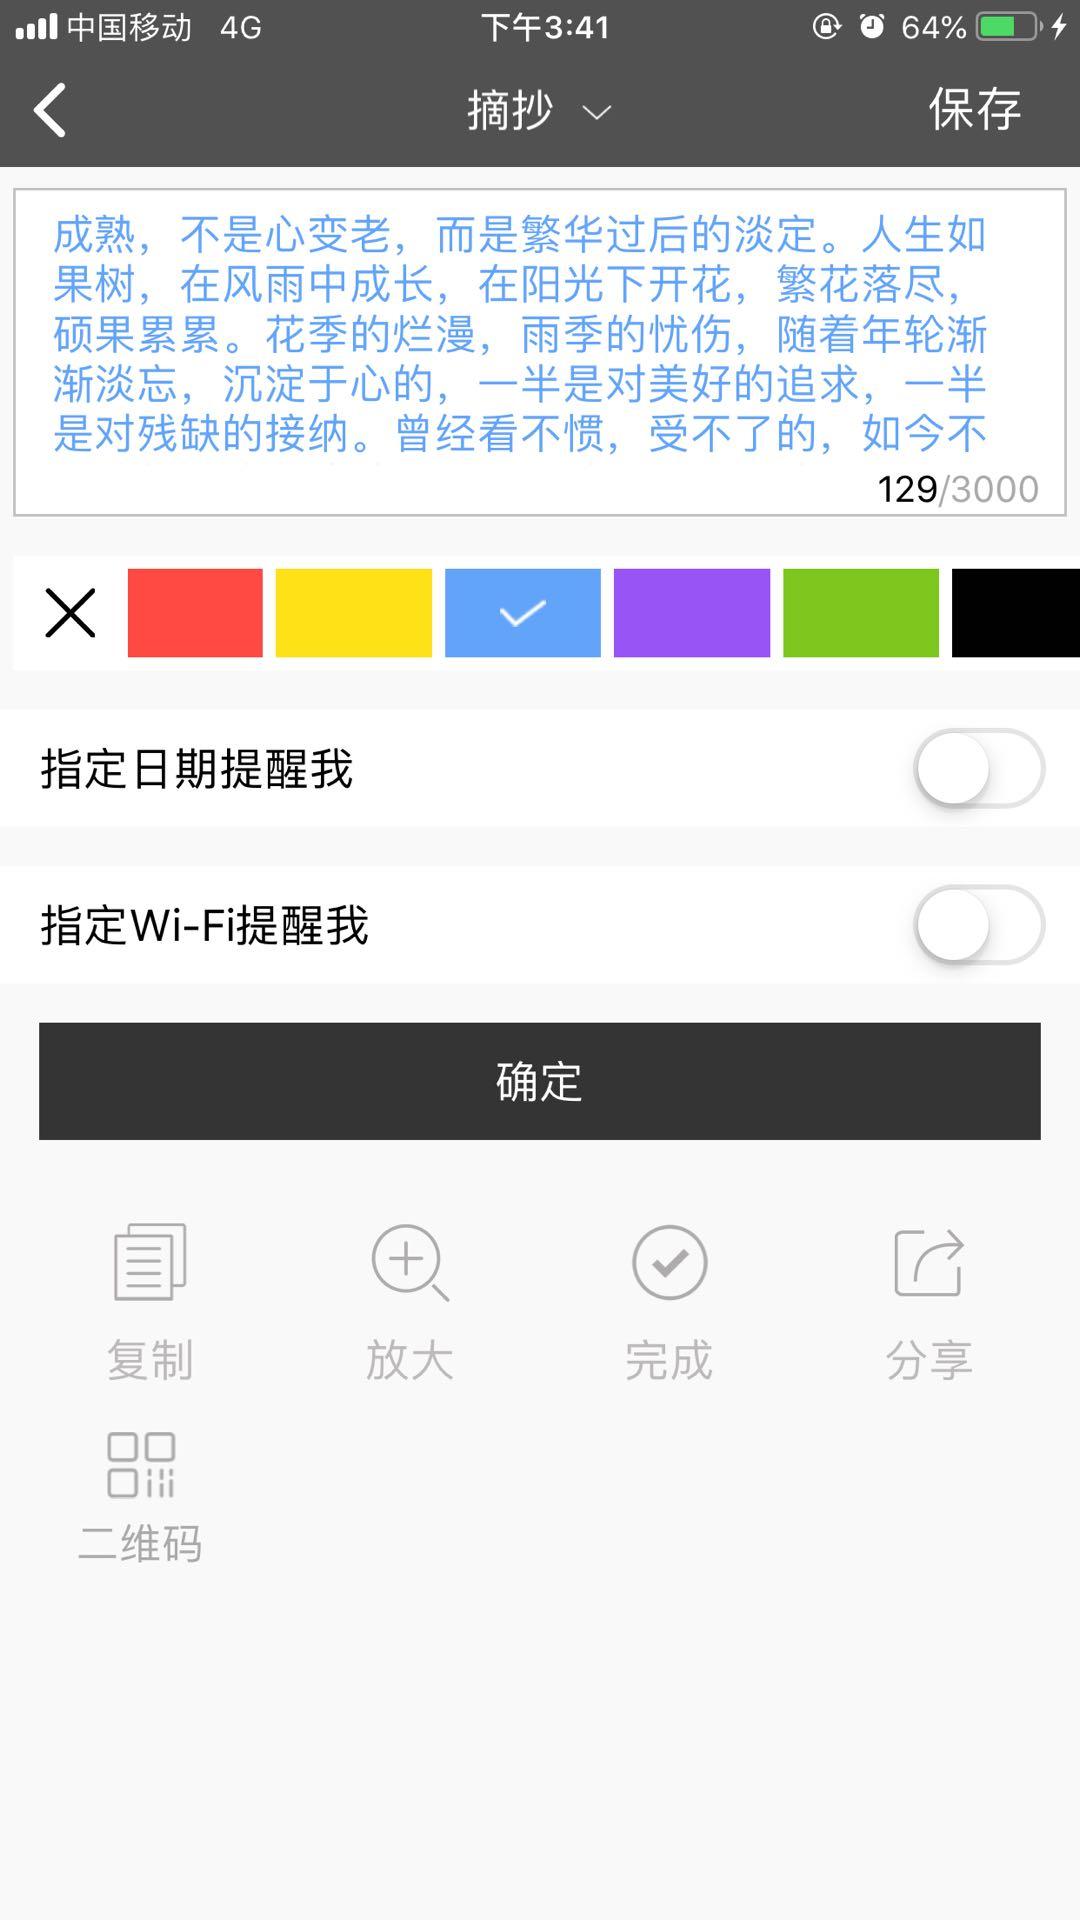 华为便签app可以调整字体颜色吗?